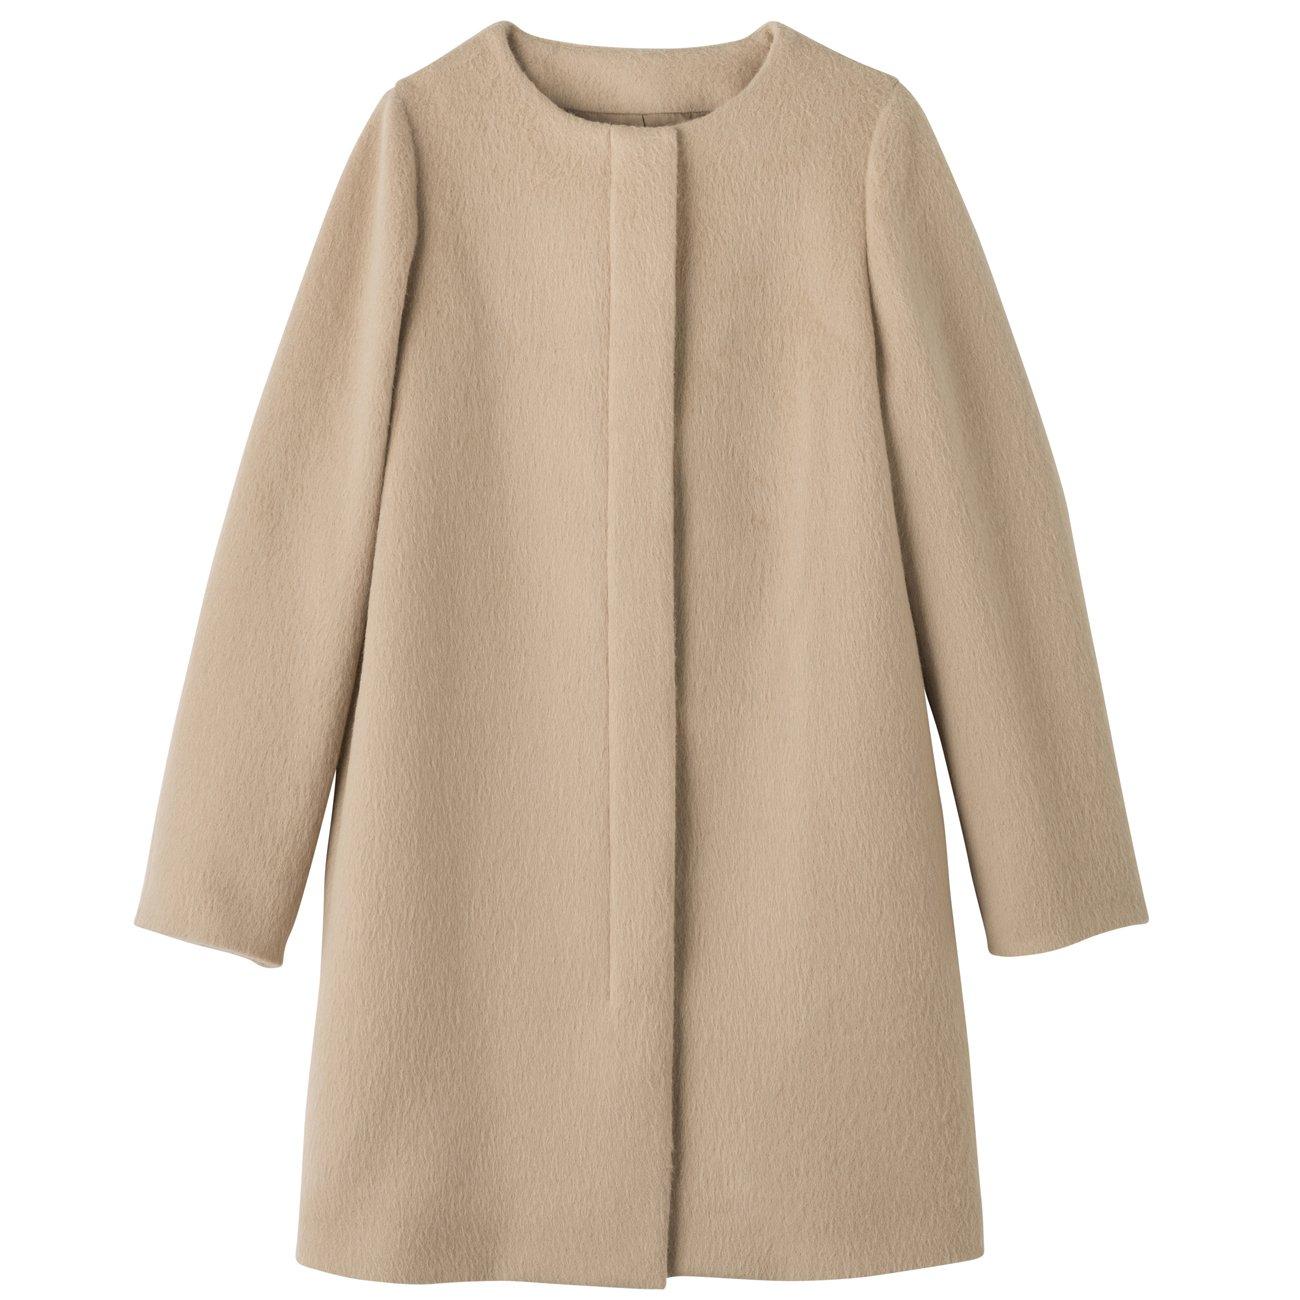 Amazon.co.jp: (インディヴィ)INDIVI アルパカシャギーノーカラーコート: 服&ファッション小物通販